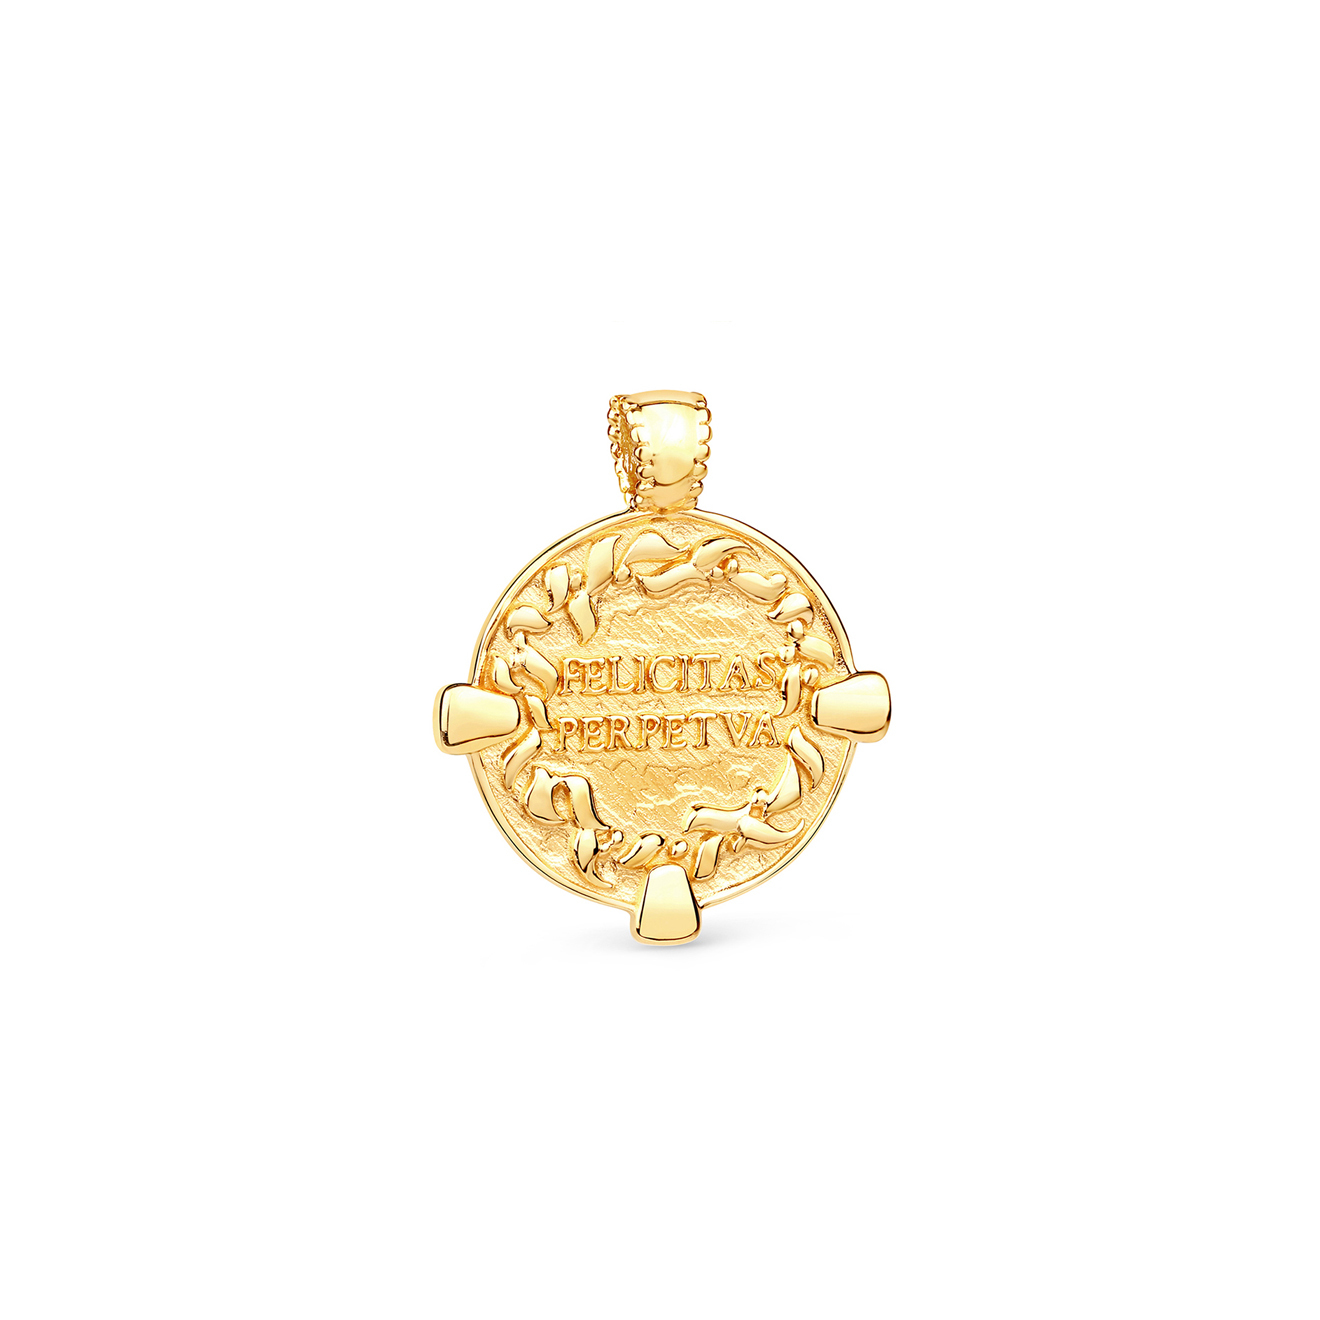 LAVZ Позолоченный медальон Coin, из коллекции Antique